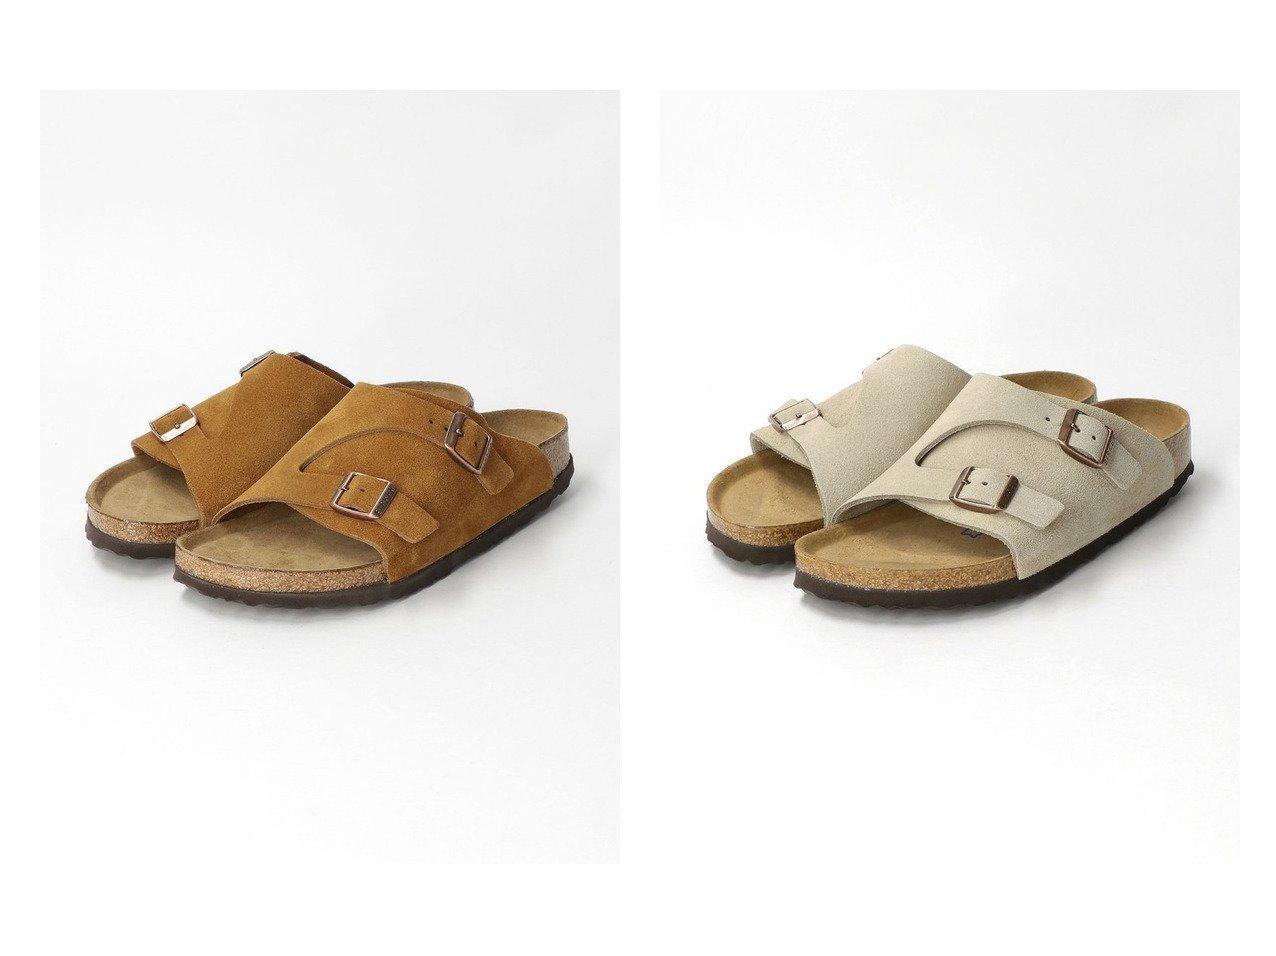 【BEAUTY&YOUTH / UNITED ARROWS/ビューティ&ユース ユナイテッドアローズ】のBIRKENSTOCK(ビルケンシュトック) スエードZURICH サンダル 【シューズ・靴】おすすめ!人気トレンド・レディースファッション通販 おすすめで人気の流行・トレンド、ファッションの通販商品 インテリア・家具・メンズファッション・キッズファッション・レディースファッション・服の通販 founy(ファニー) https://founy.com/ ファッション Fashion レディースファッション WOMEN クッション サンダル シューズ スエード スタンダード 定番 Standard フィット ミュール ラップ ロンドン |ID:crp329100000051528